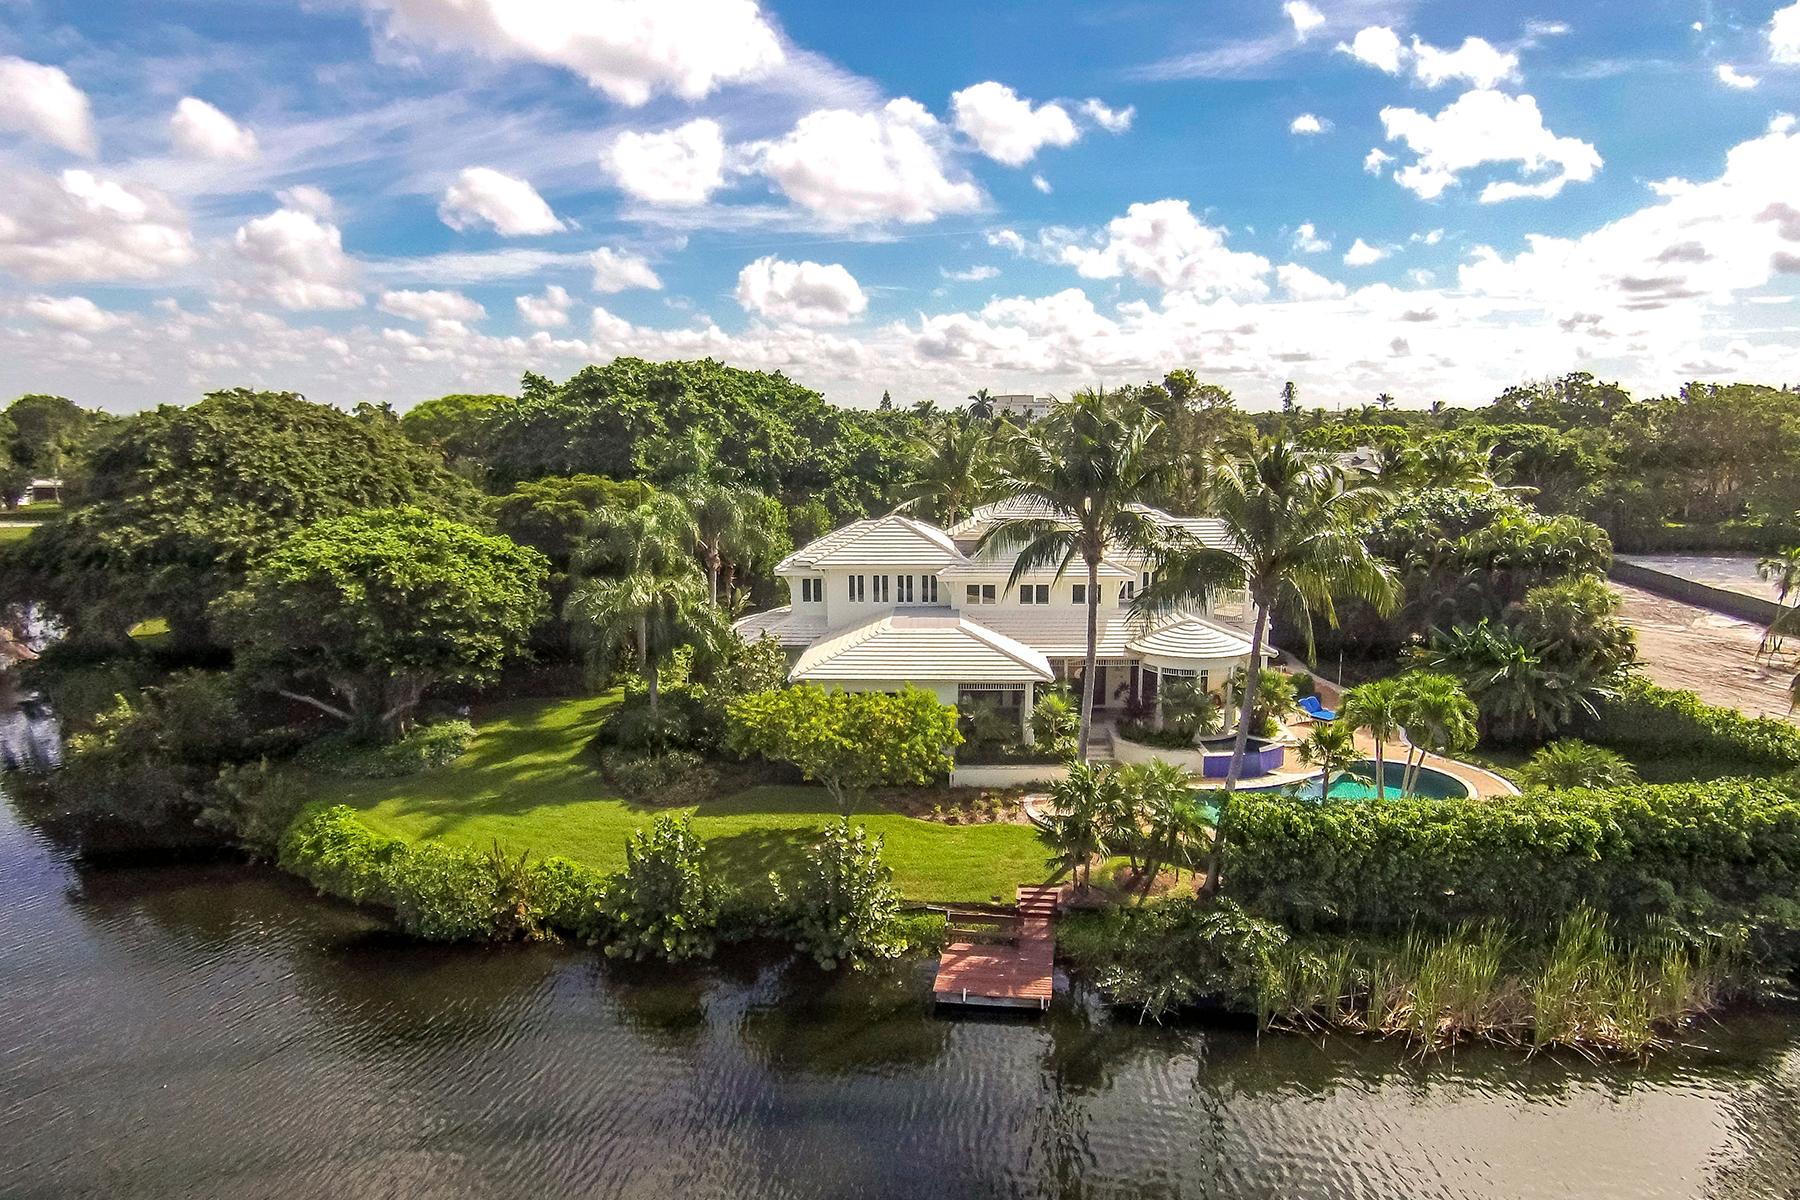 独户住宅 为 销售 在 OLDE NAPLES 575 3rd St N 那不勒斯, 佛罗里达州, 34102 美国